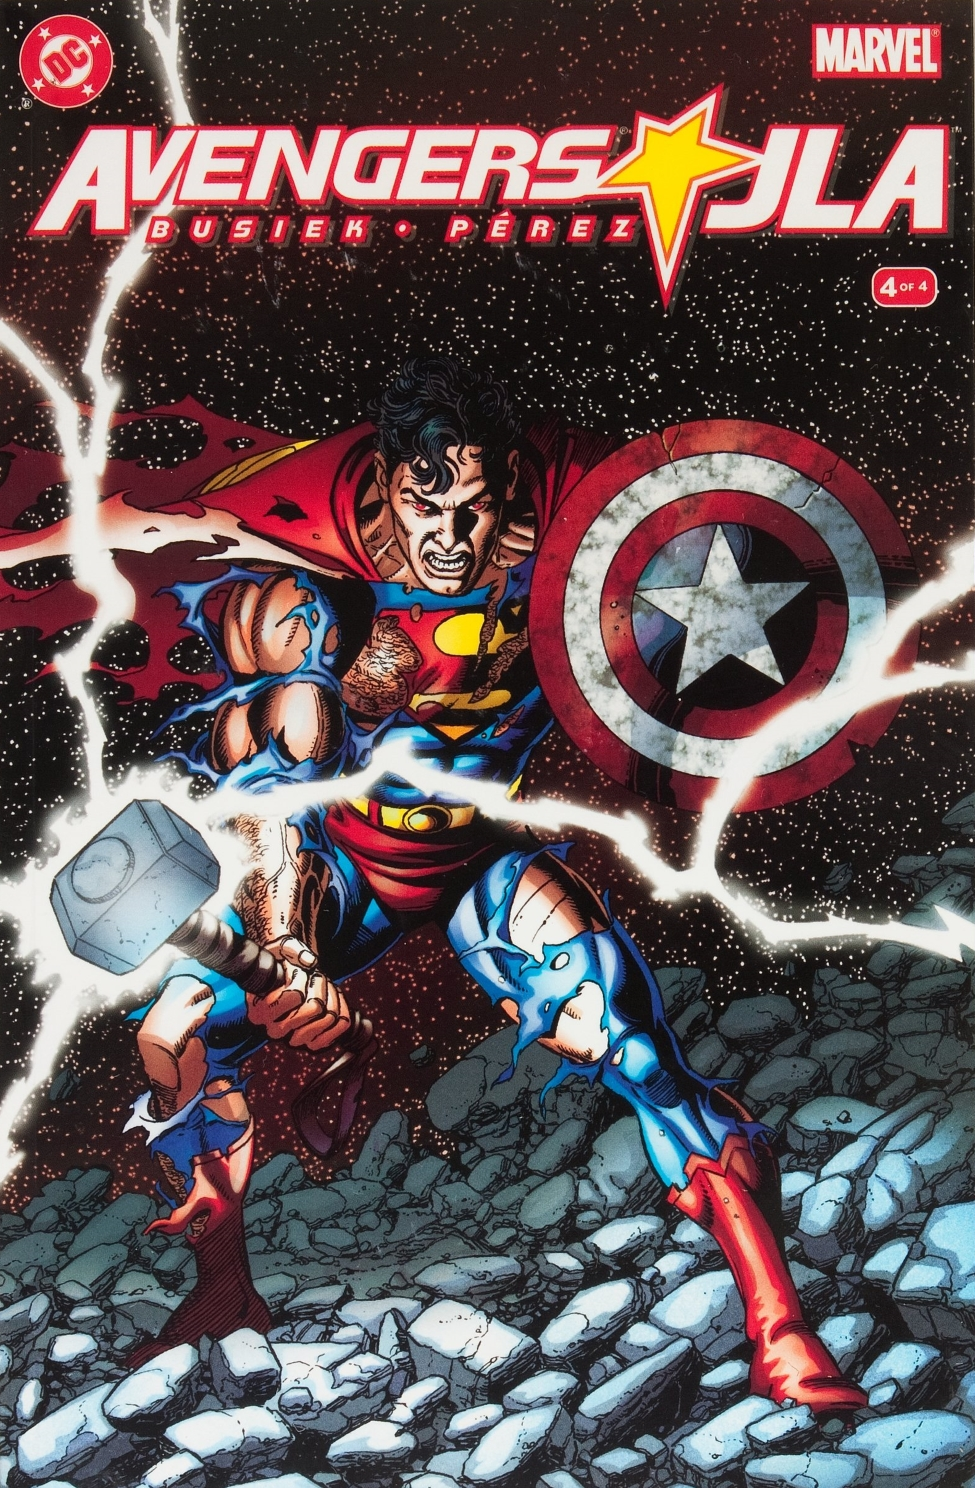 Avengers/JLA Vol 1 4